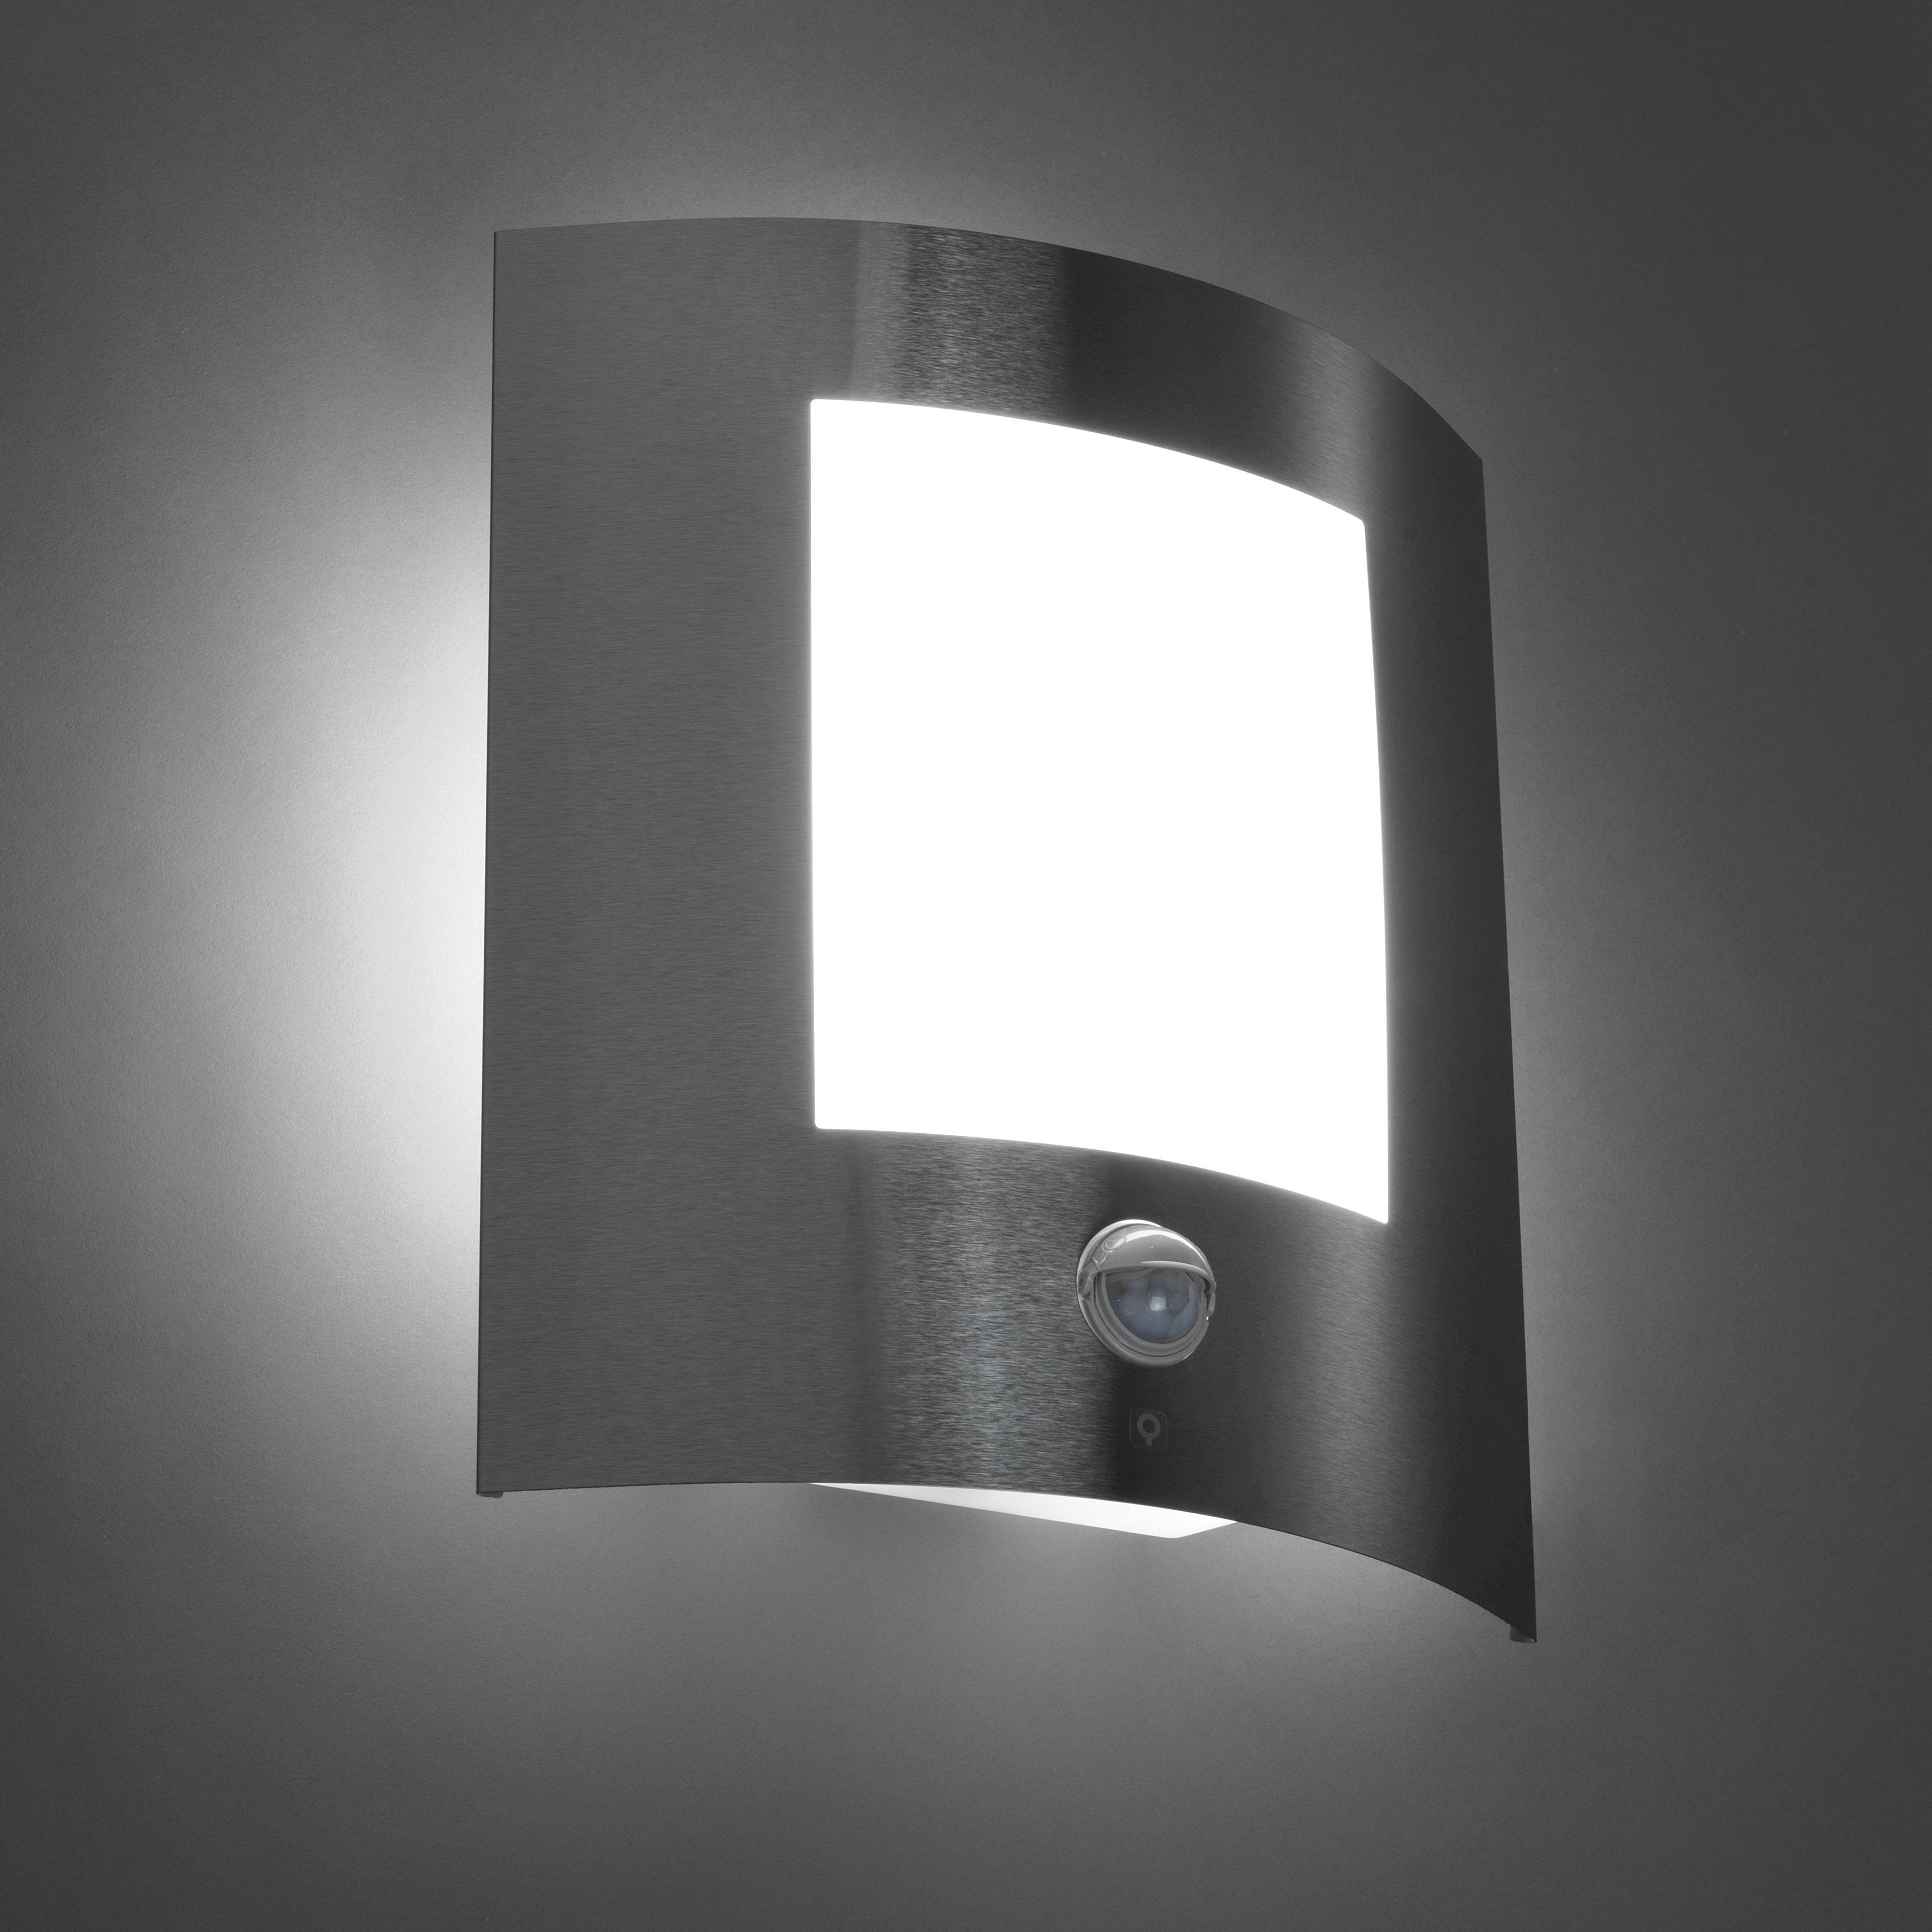 Moderne buitenwandlamp staal bewegingssensor IP44 - Emmerald 1